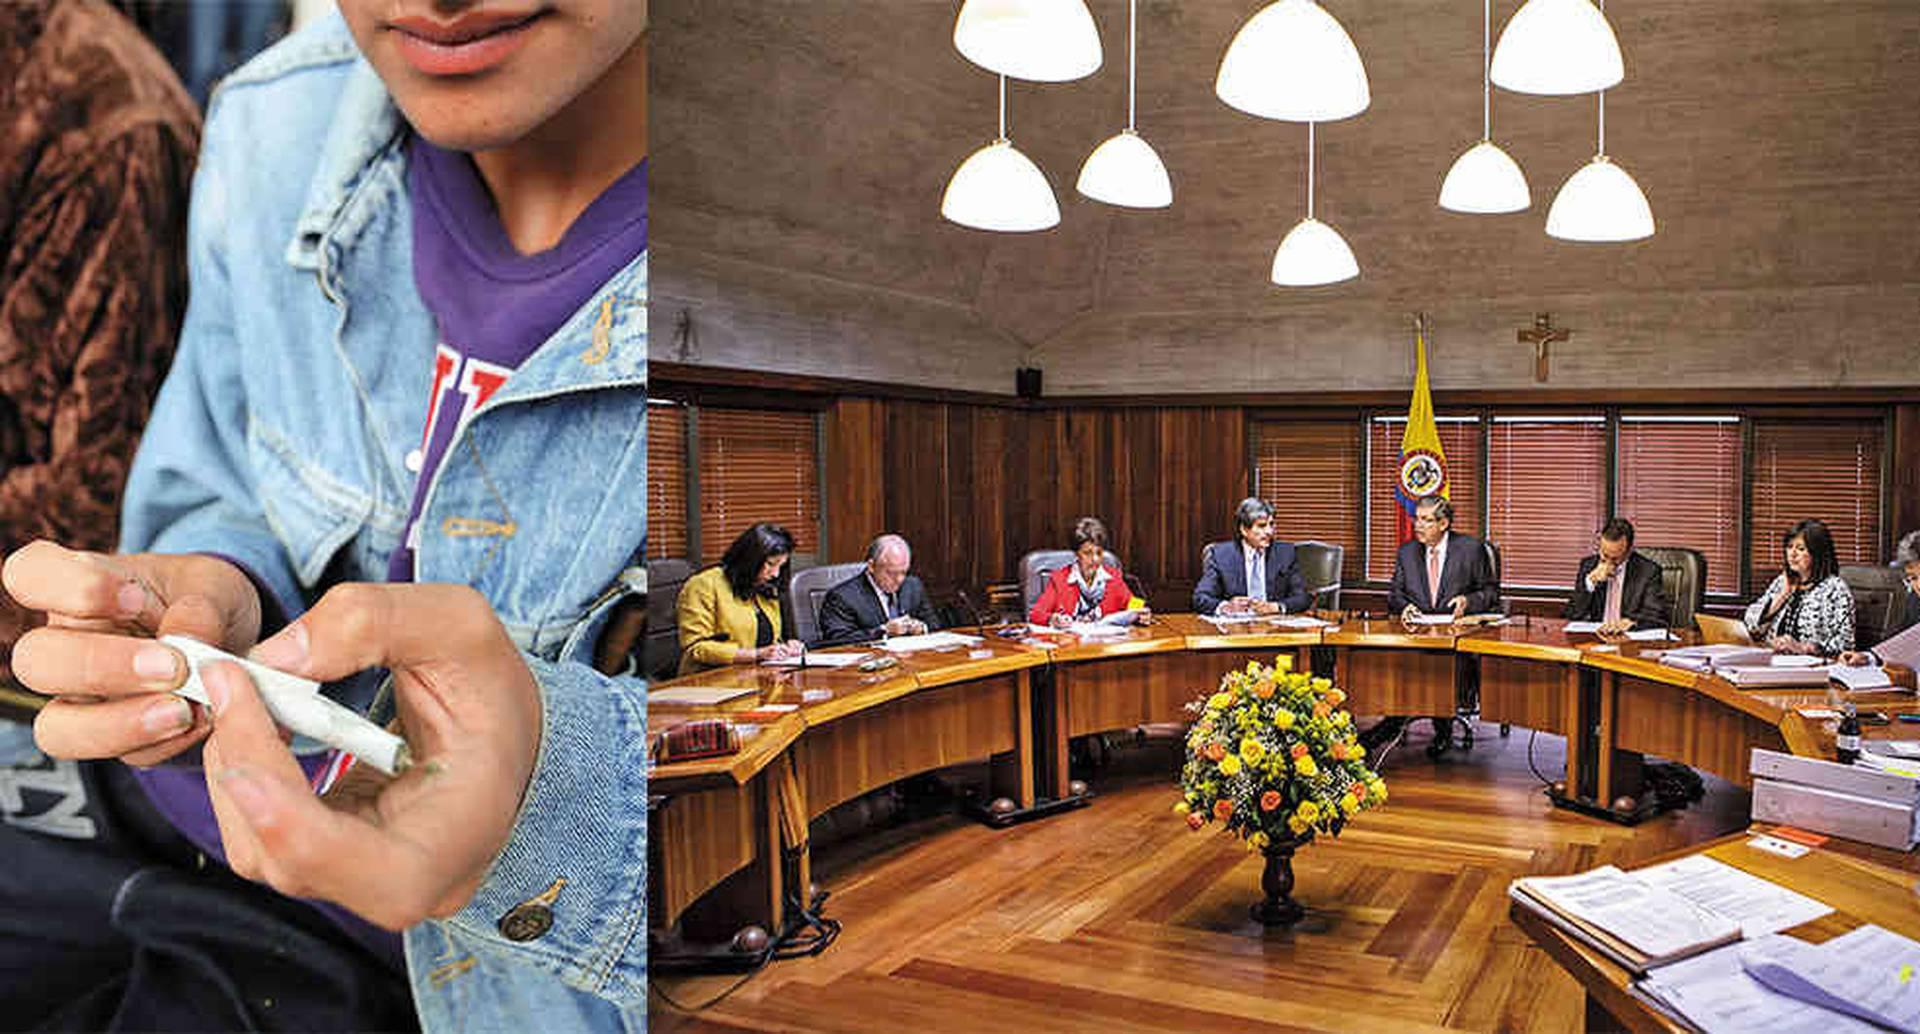 La sentencia dejaría en el aire los decretos con que el presidente Duque facultó a la Policía para incautar y destruir la dosis personal de droga en calles y parques.